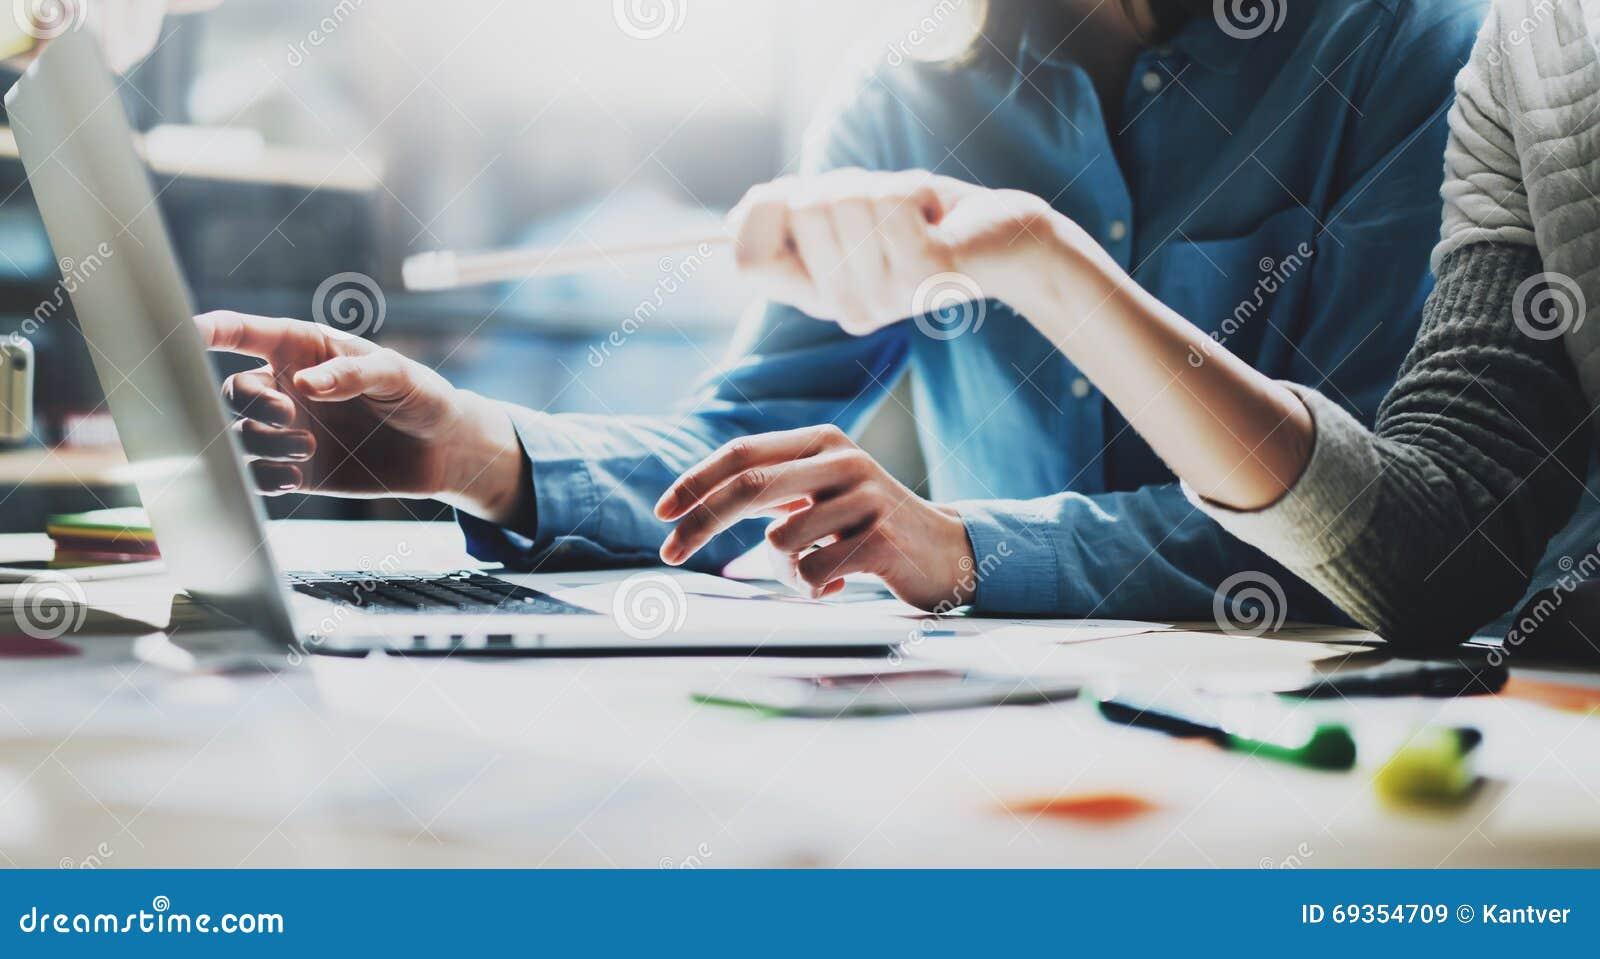 帐户队会议 照片年轻企业乘员组与新的起始的项目一起使用 在木桌上的笔记本 想法